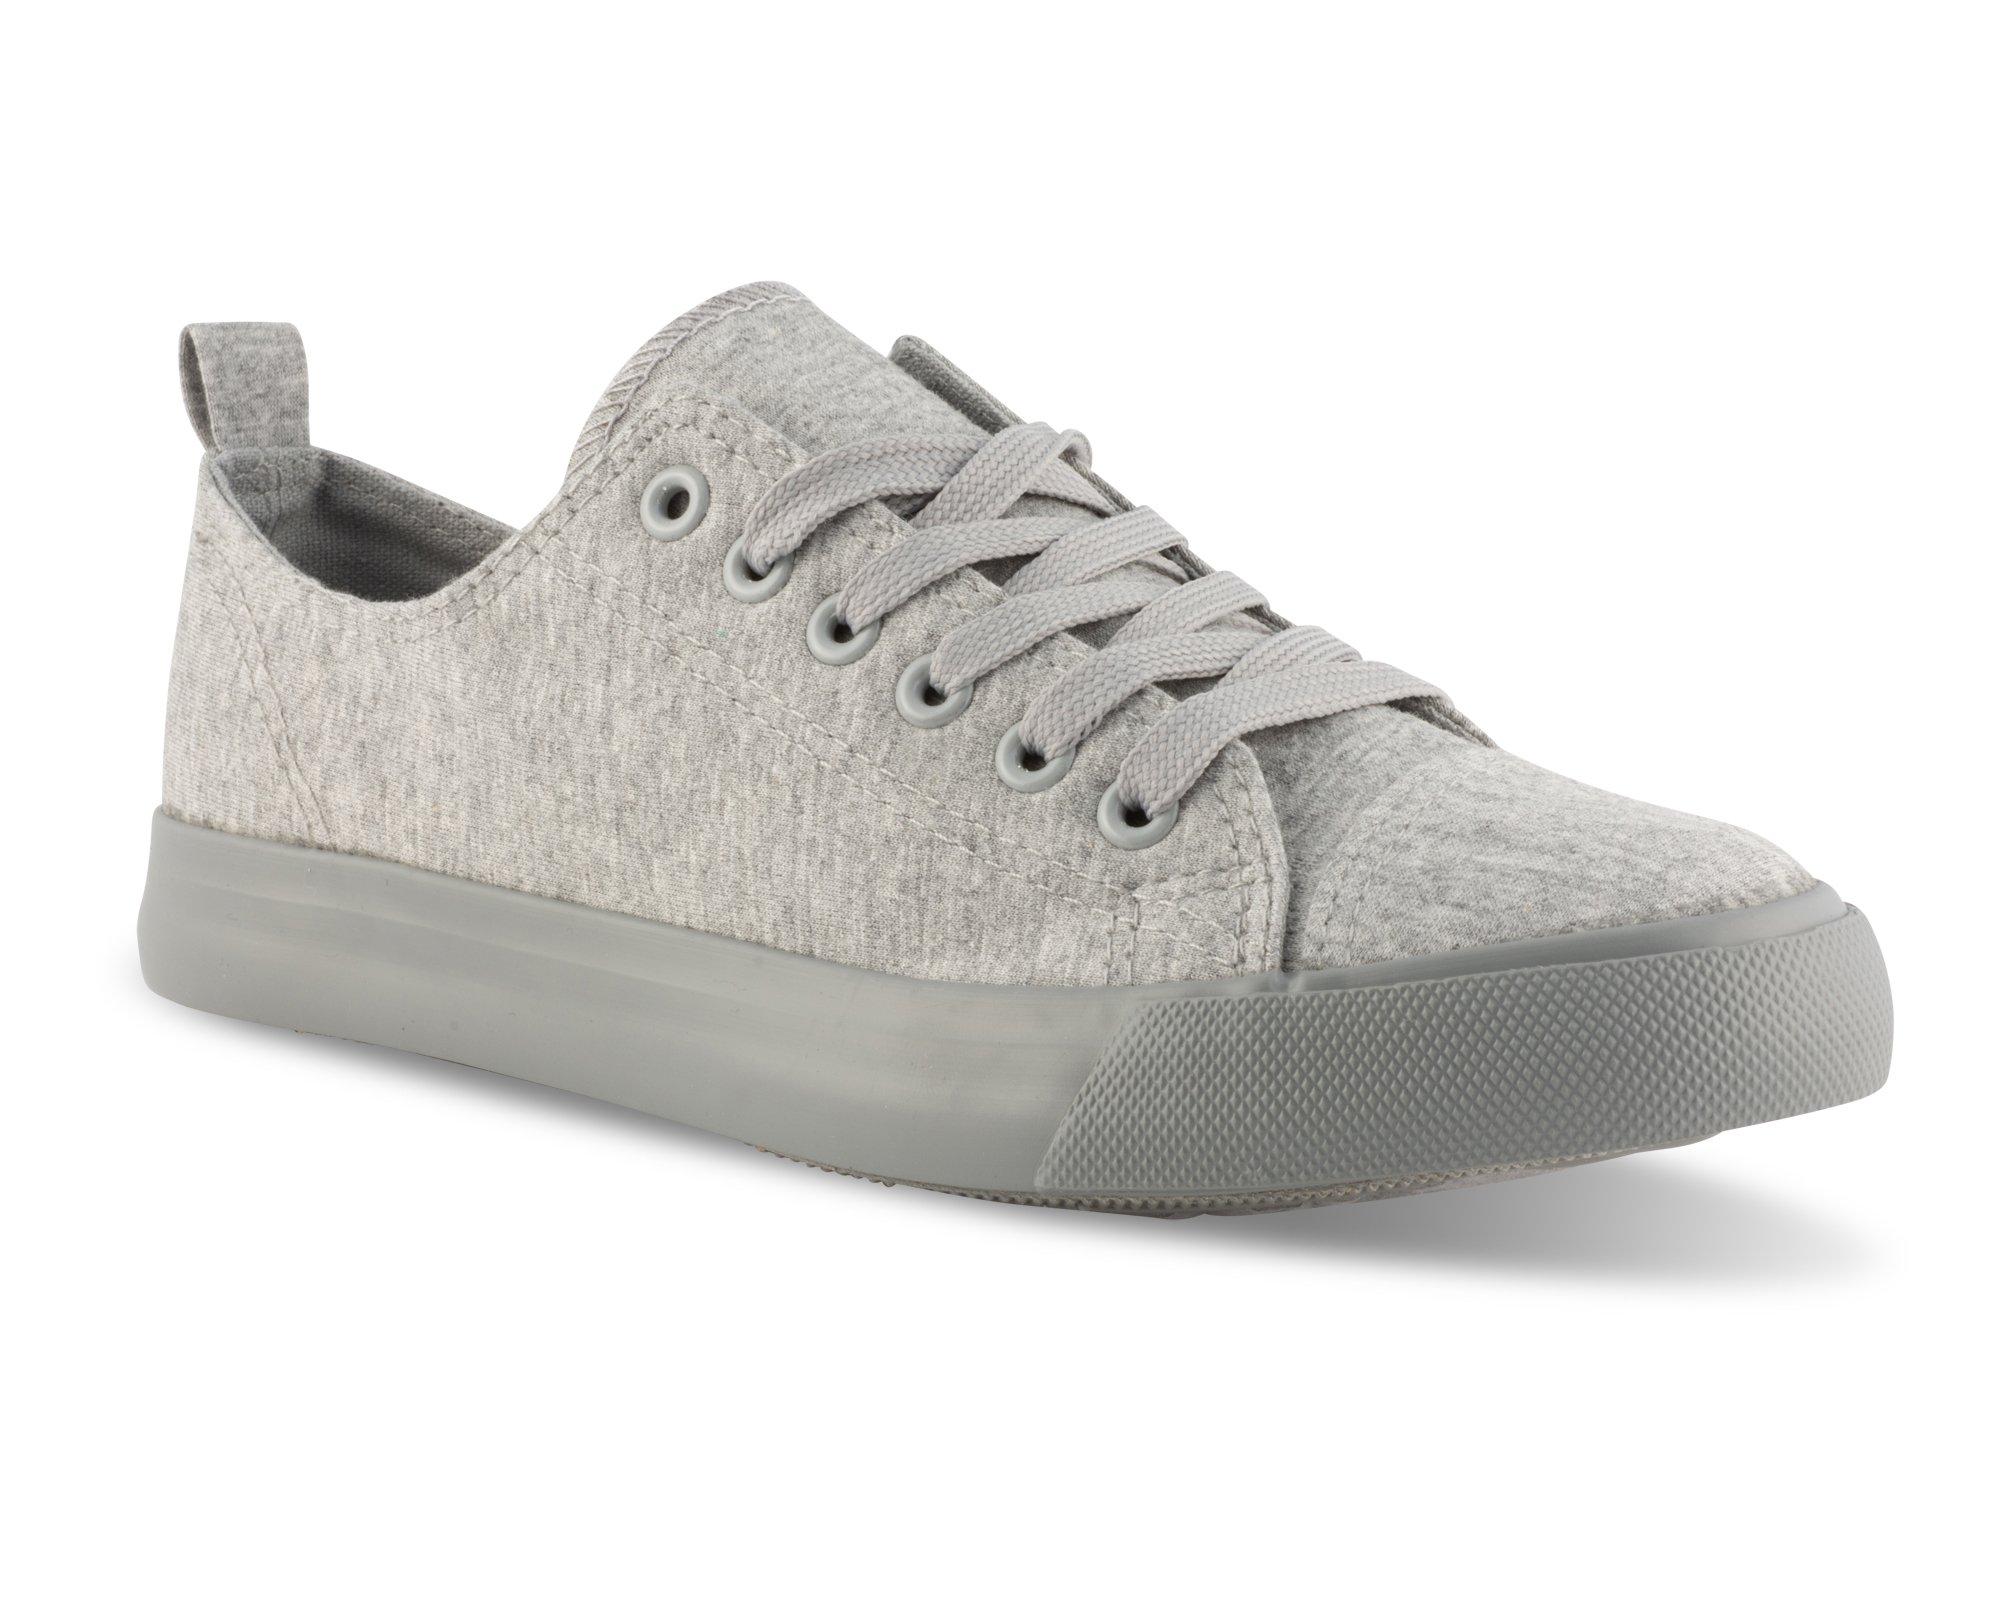 Twisted Women's Low Top Canvas Sneaker -KIXLO303 Grey Jersey, Size 8.5